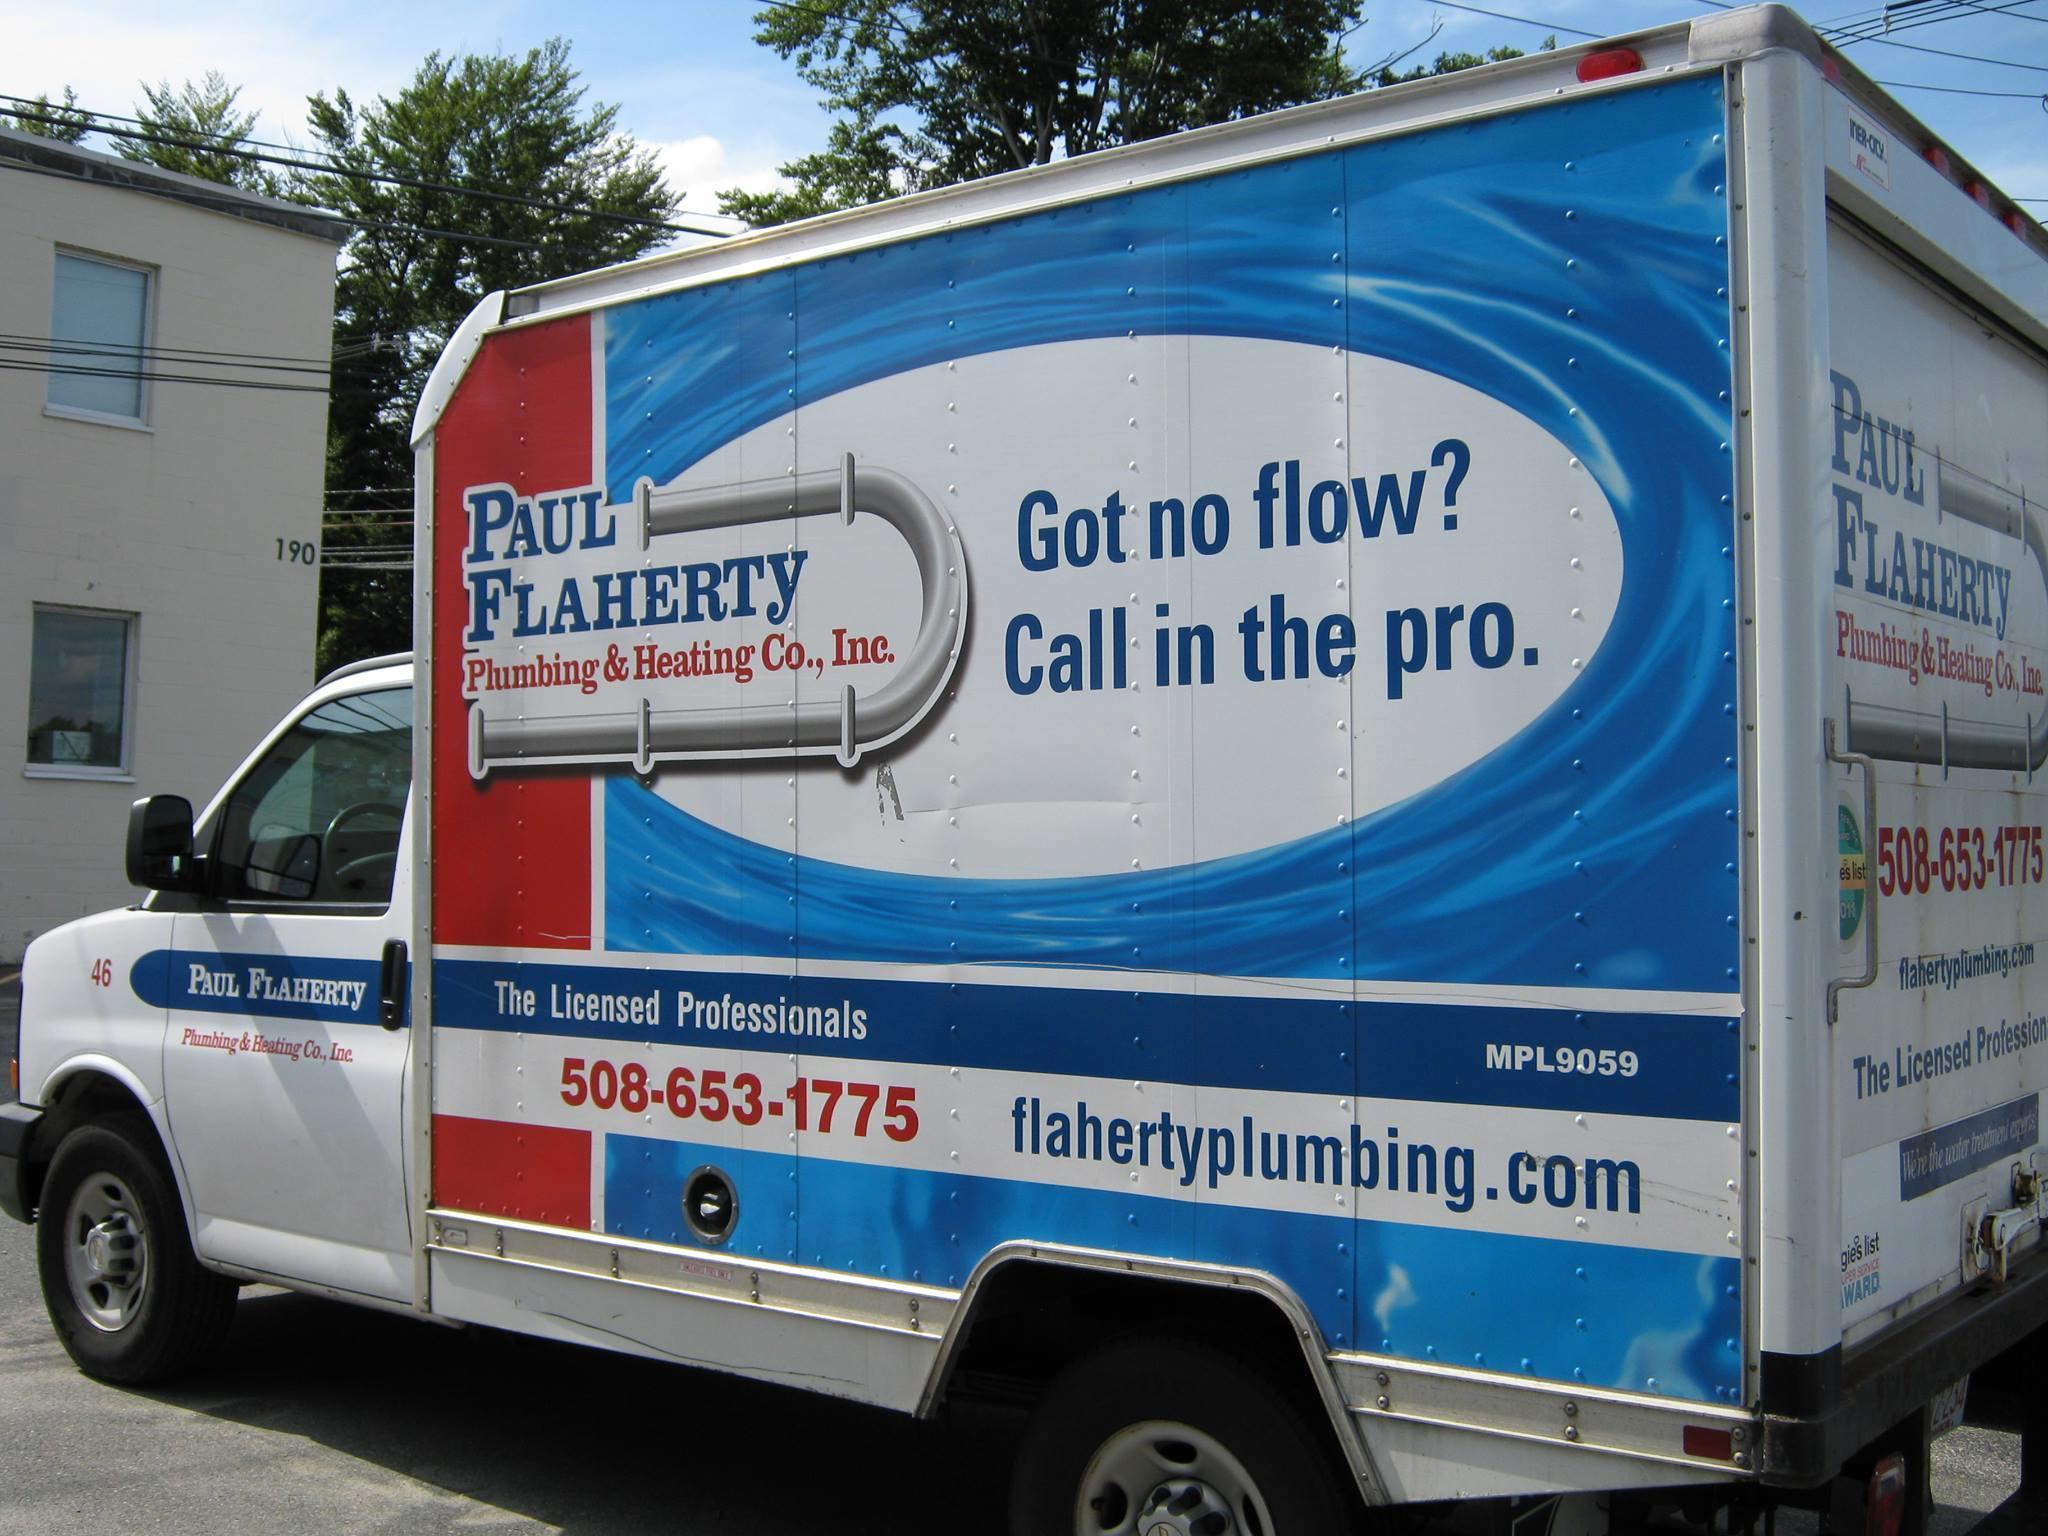 Paul Flaherty Plumbing & Heating Co., Inc. image 14